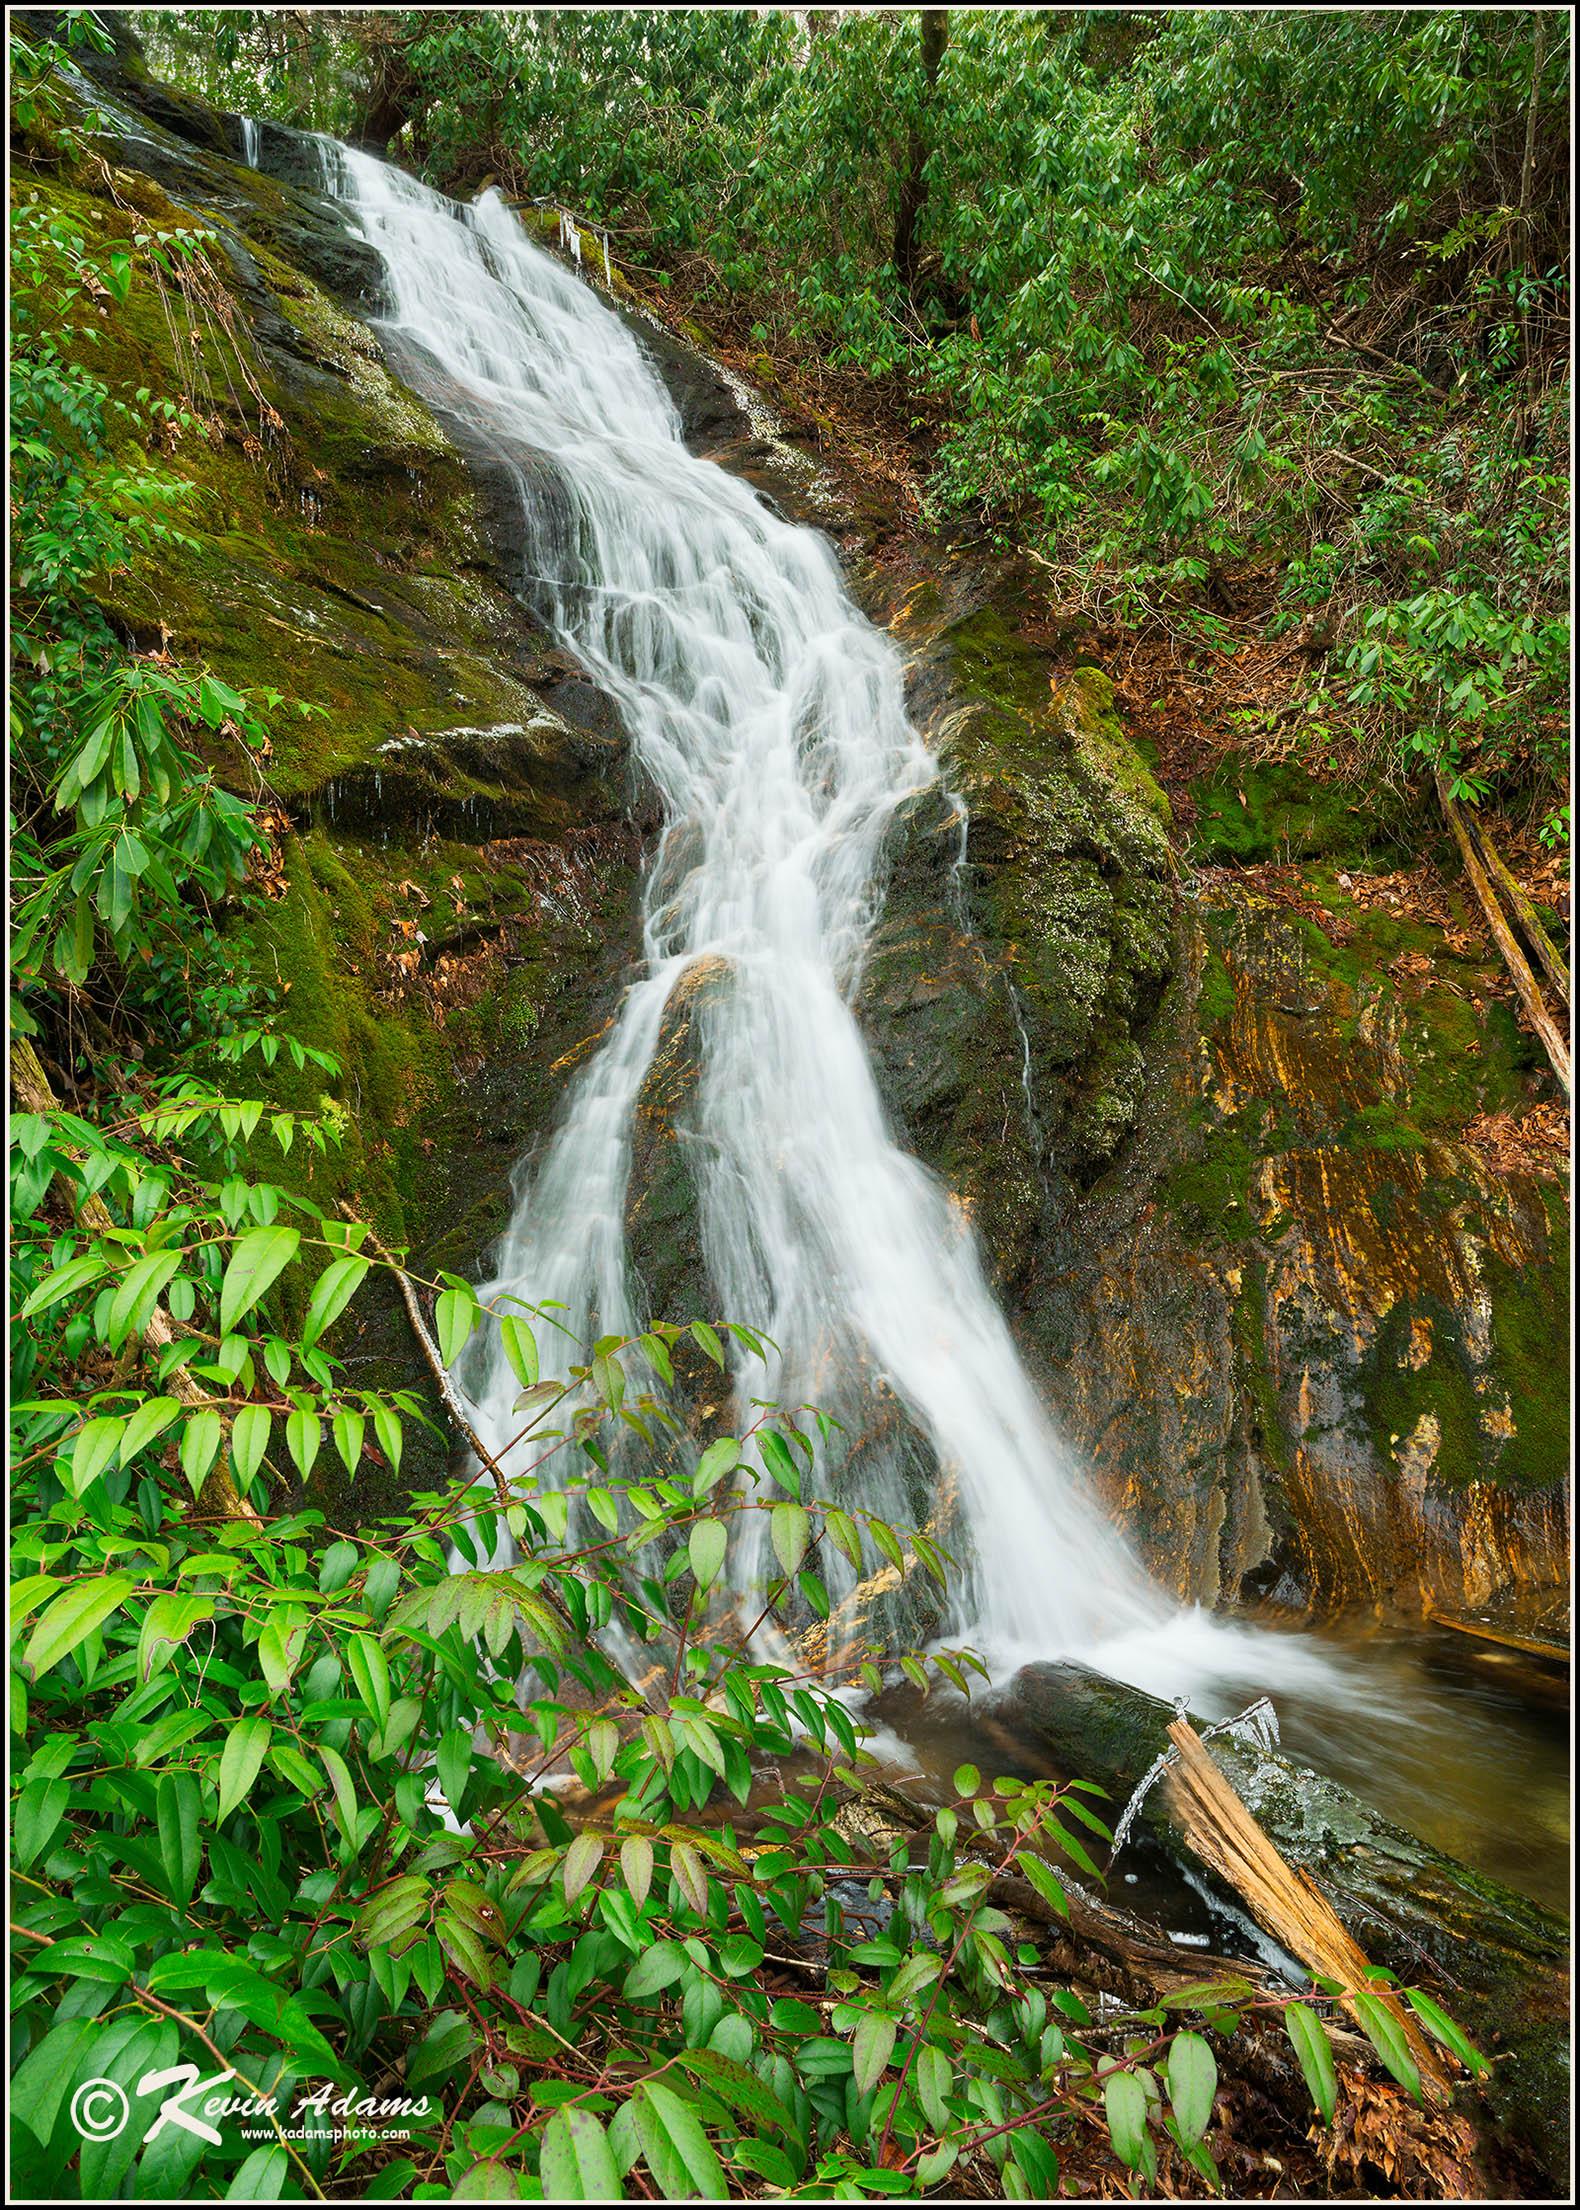 Alyssa Falls